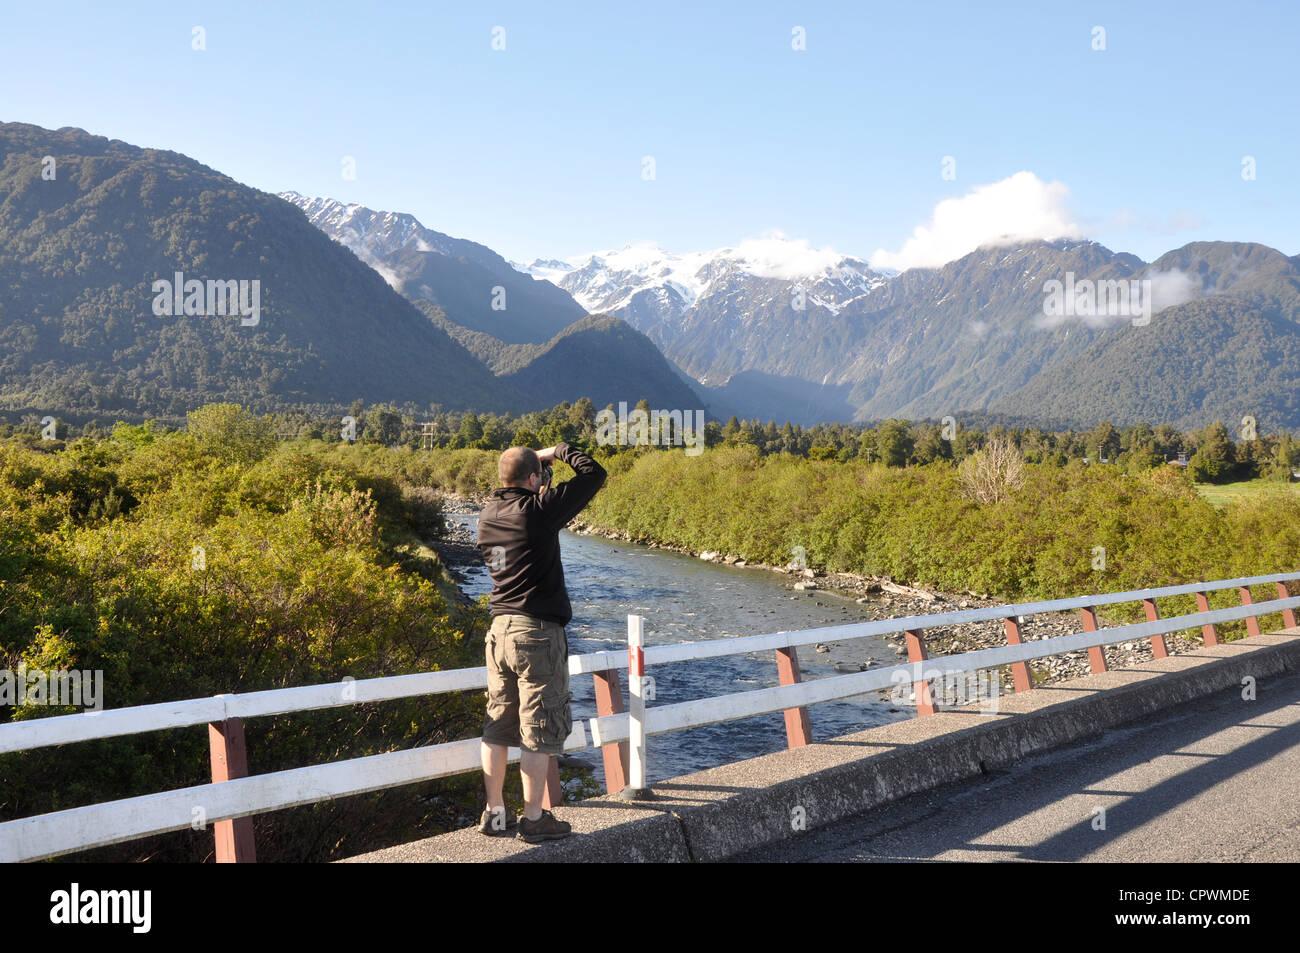 Touristen nehmen Foto von Bergen in der Nähe von Franz Josef, Südinsel, West Coast, New Zealand Stockbild